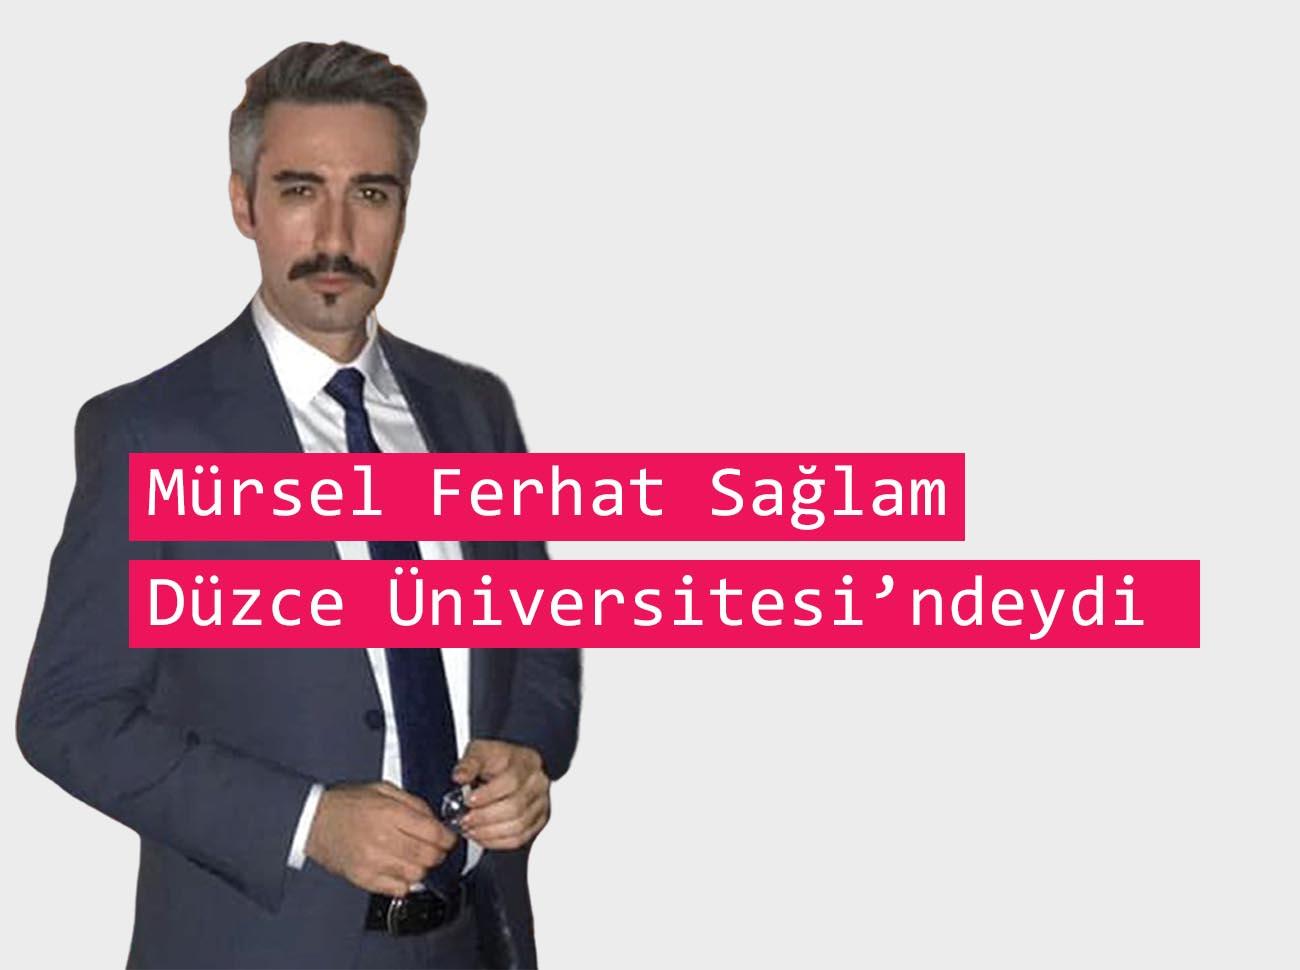 Mürsel Ferhat Sağlam Düzce Üniversitesi'ndeydi